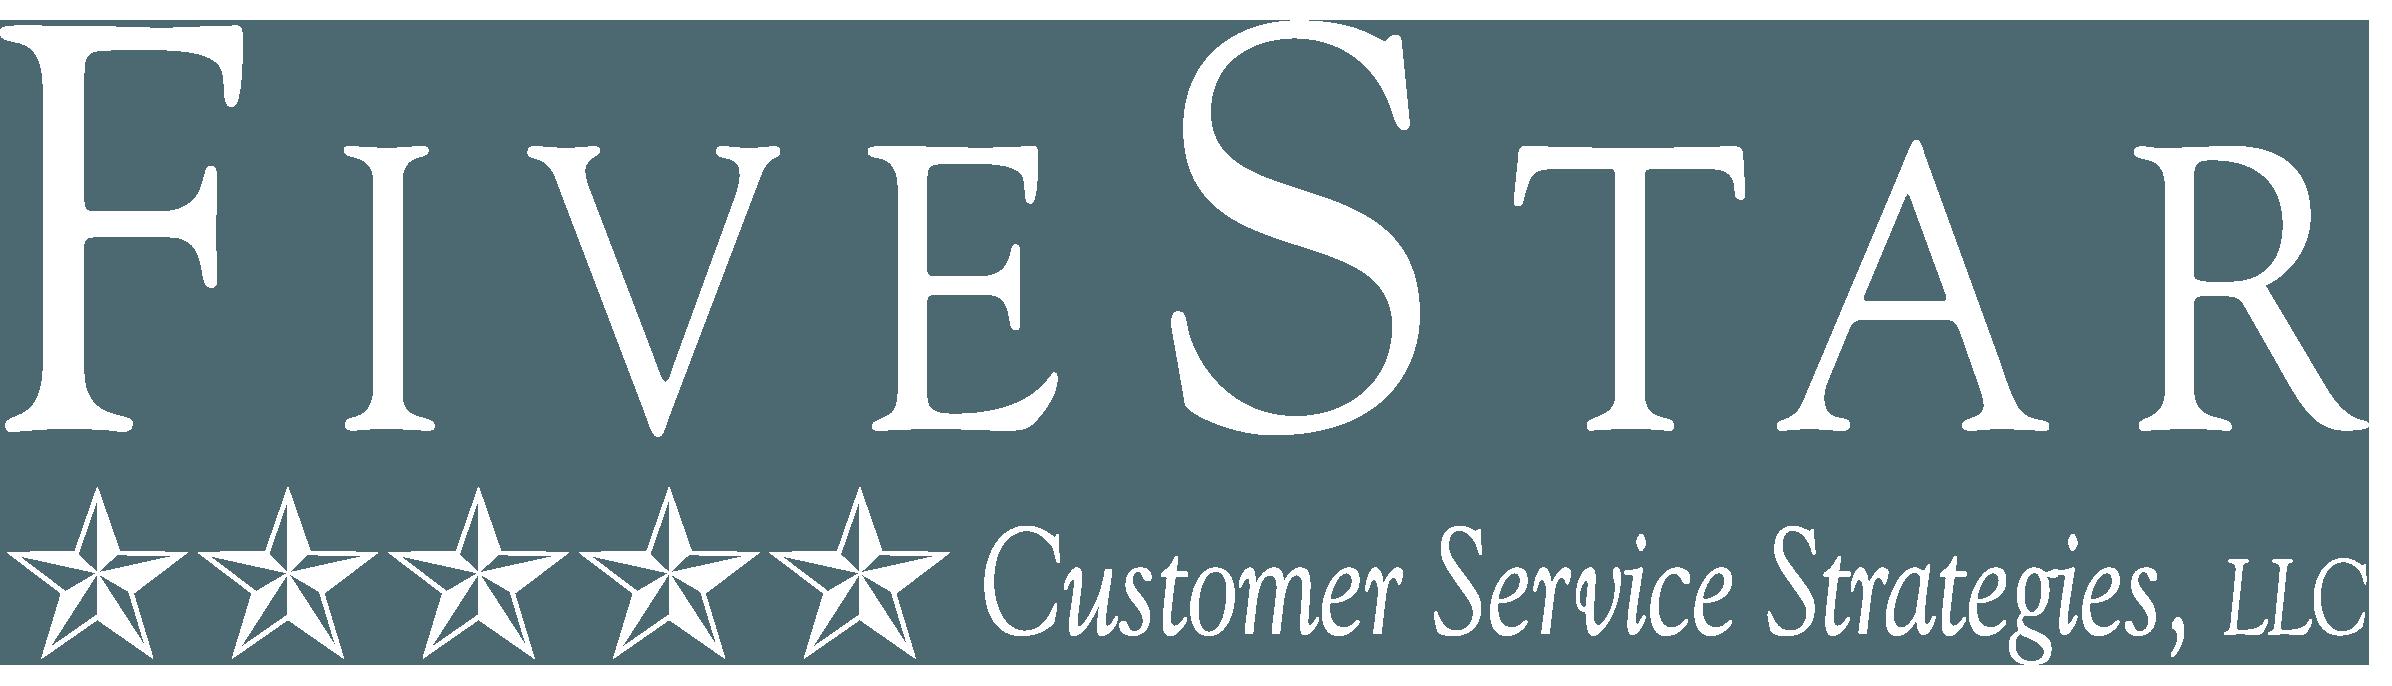 FiveStar Customer Service Strategies